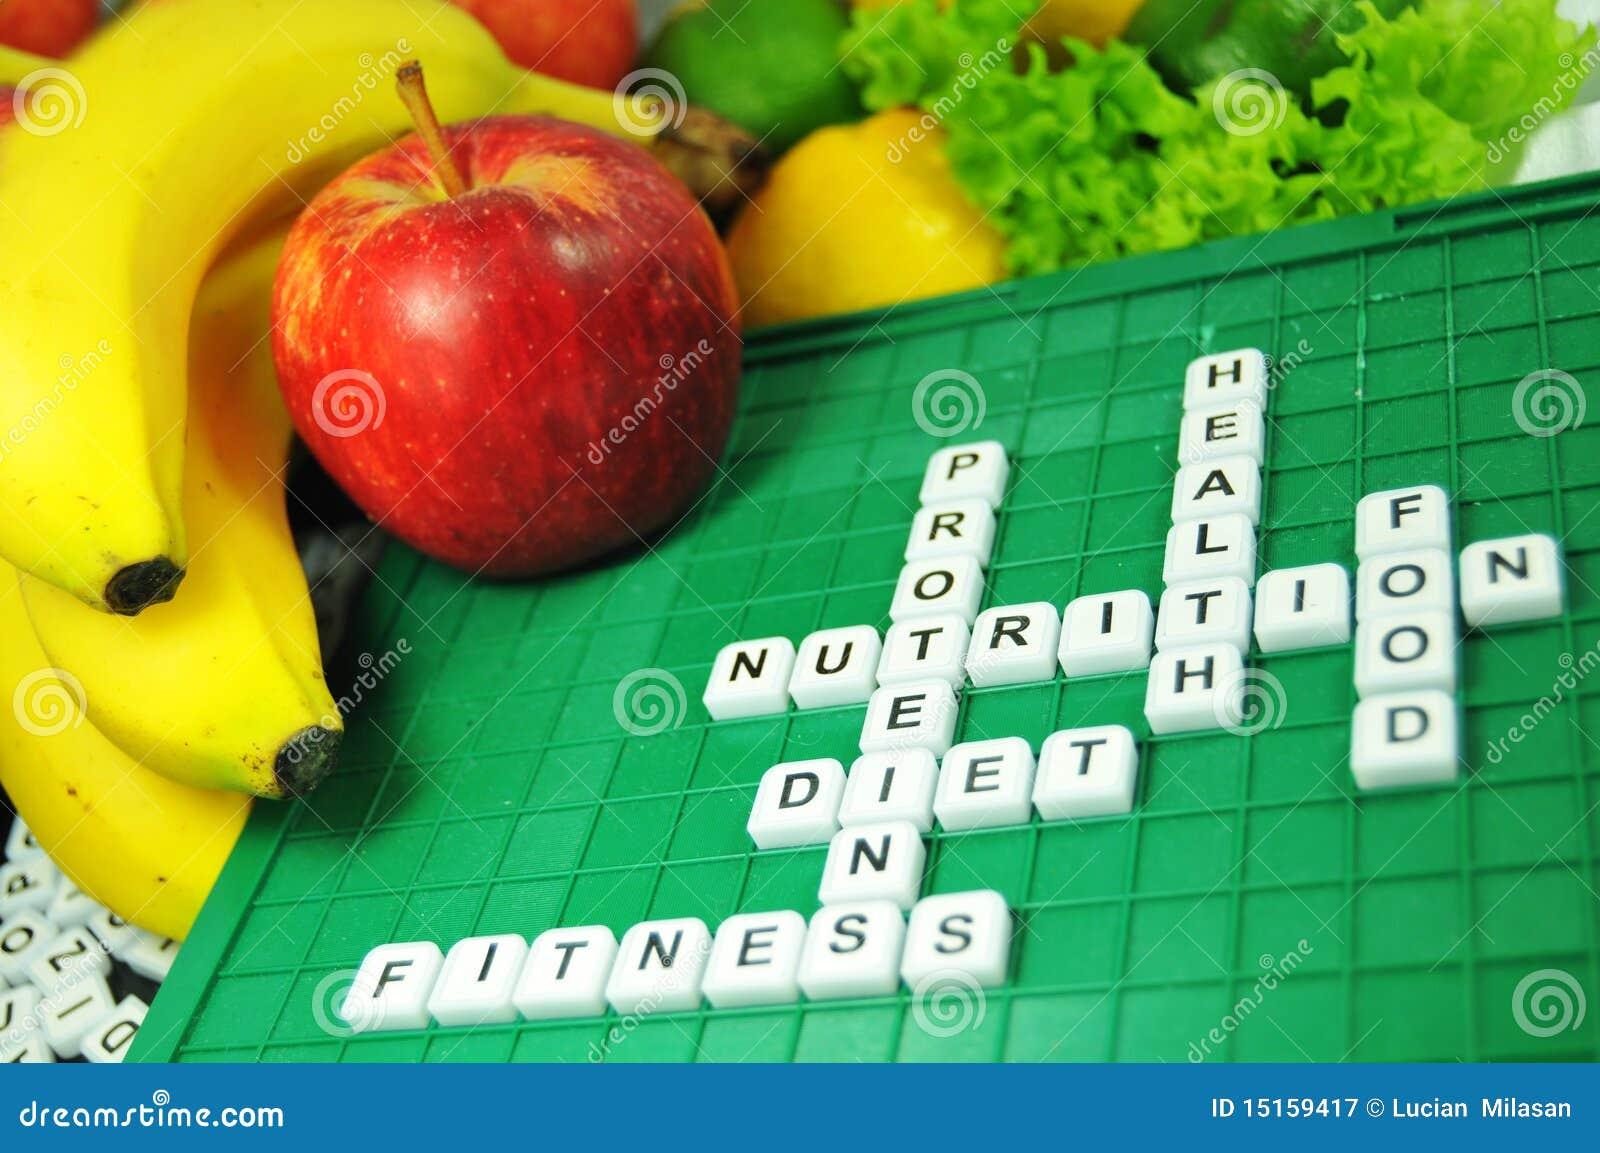 nutrition stock image image of loss lemons letter 15159417